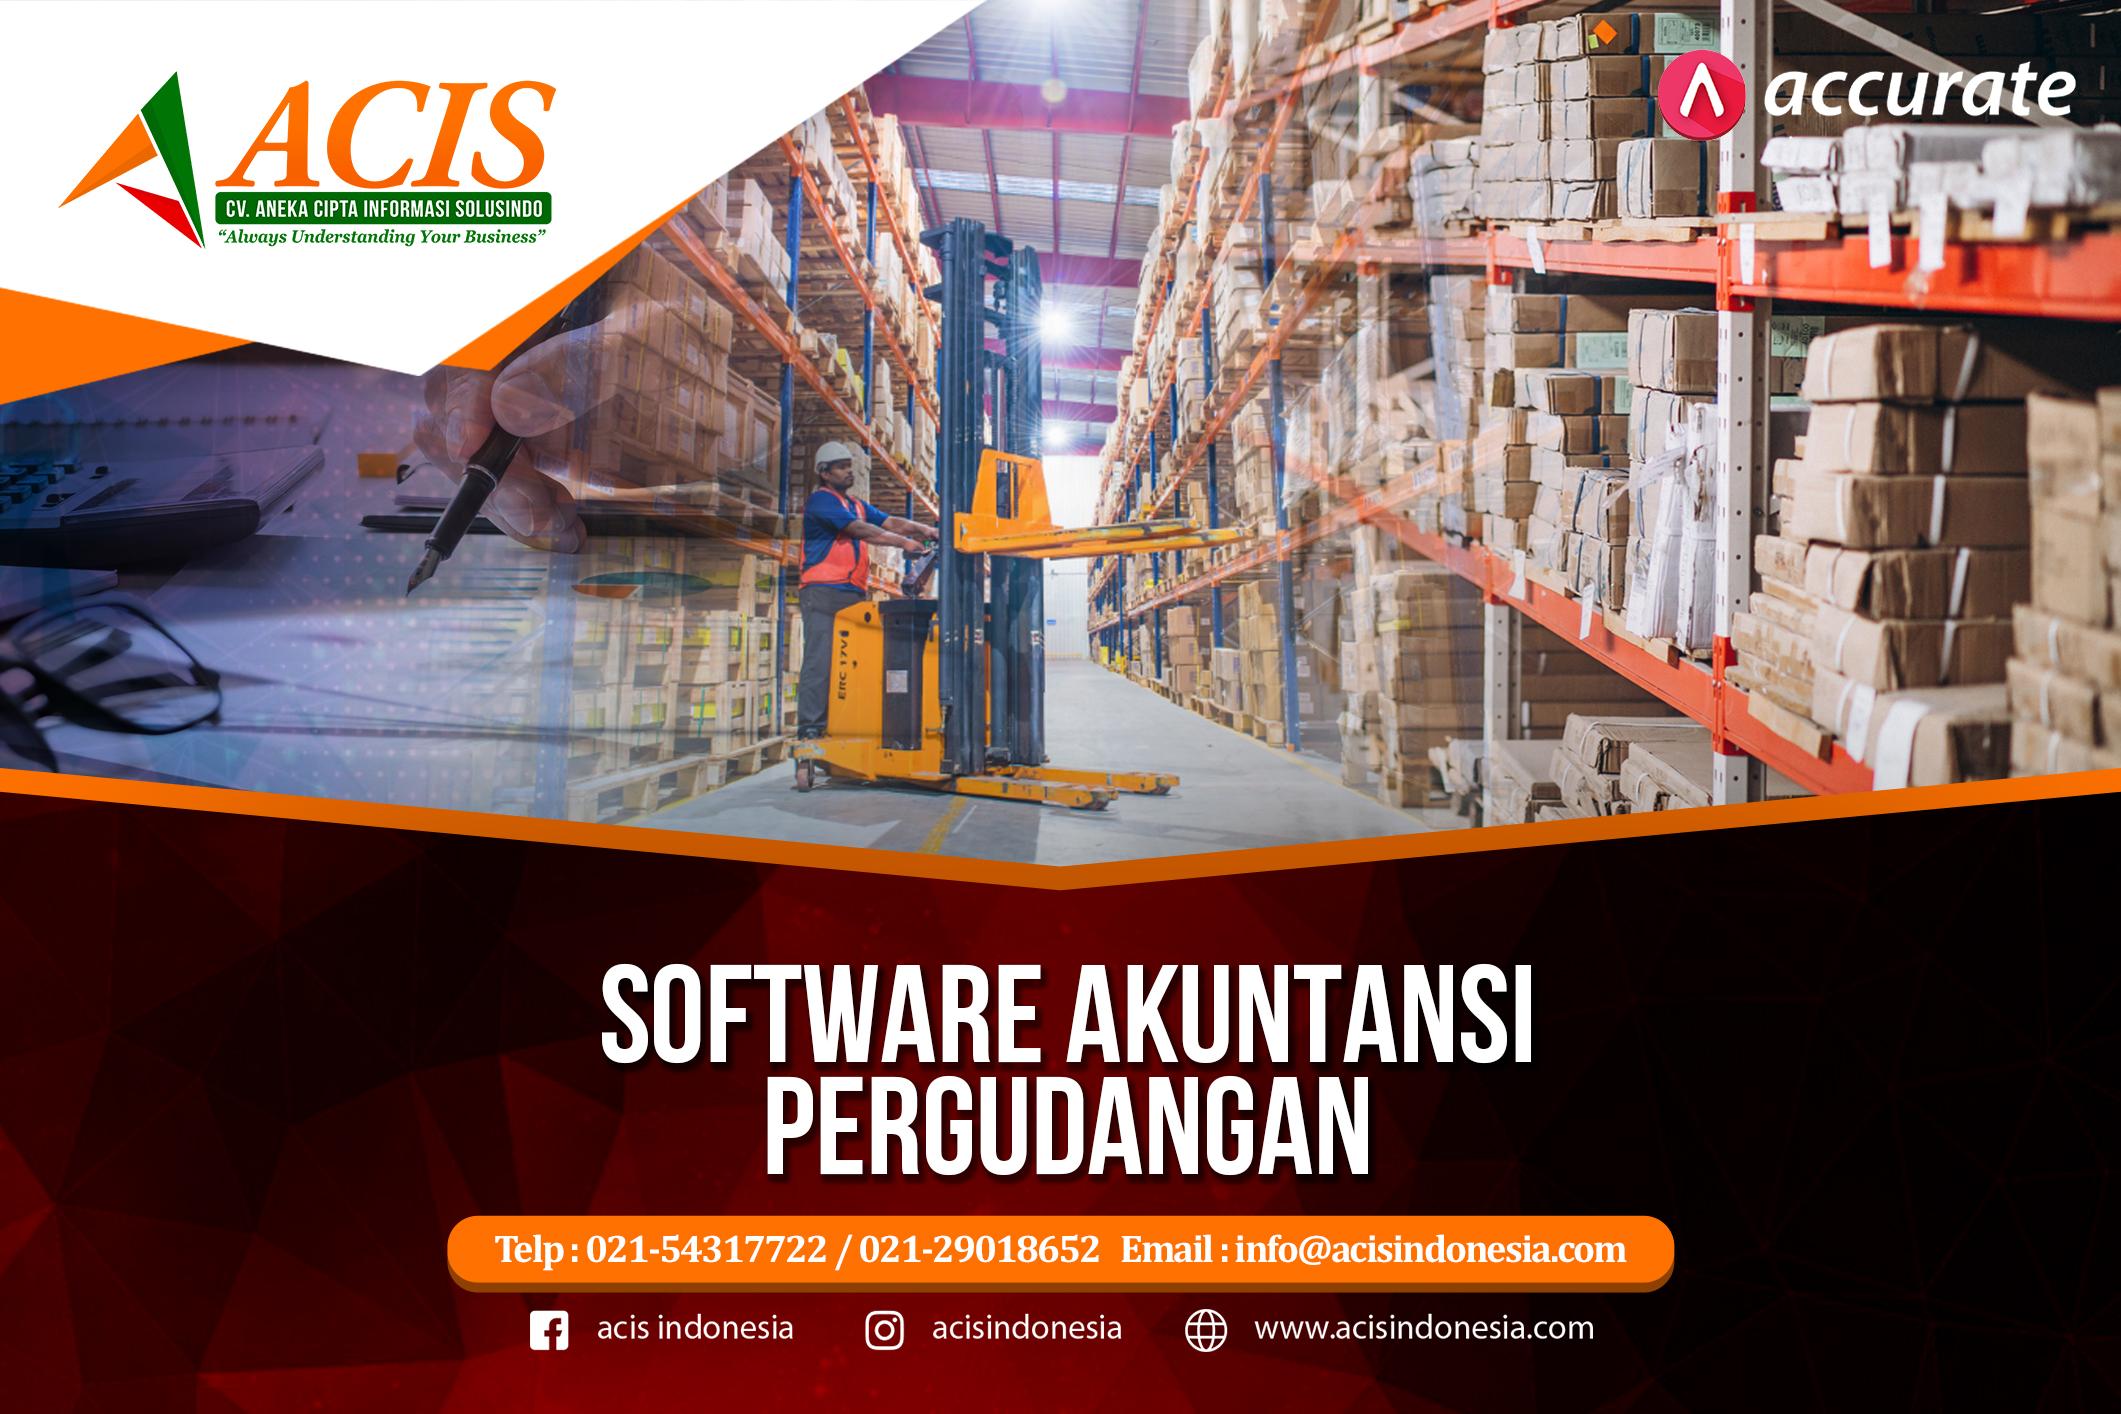 Software Akuntansi Pergudangan